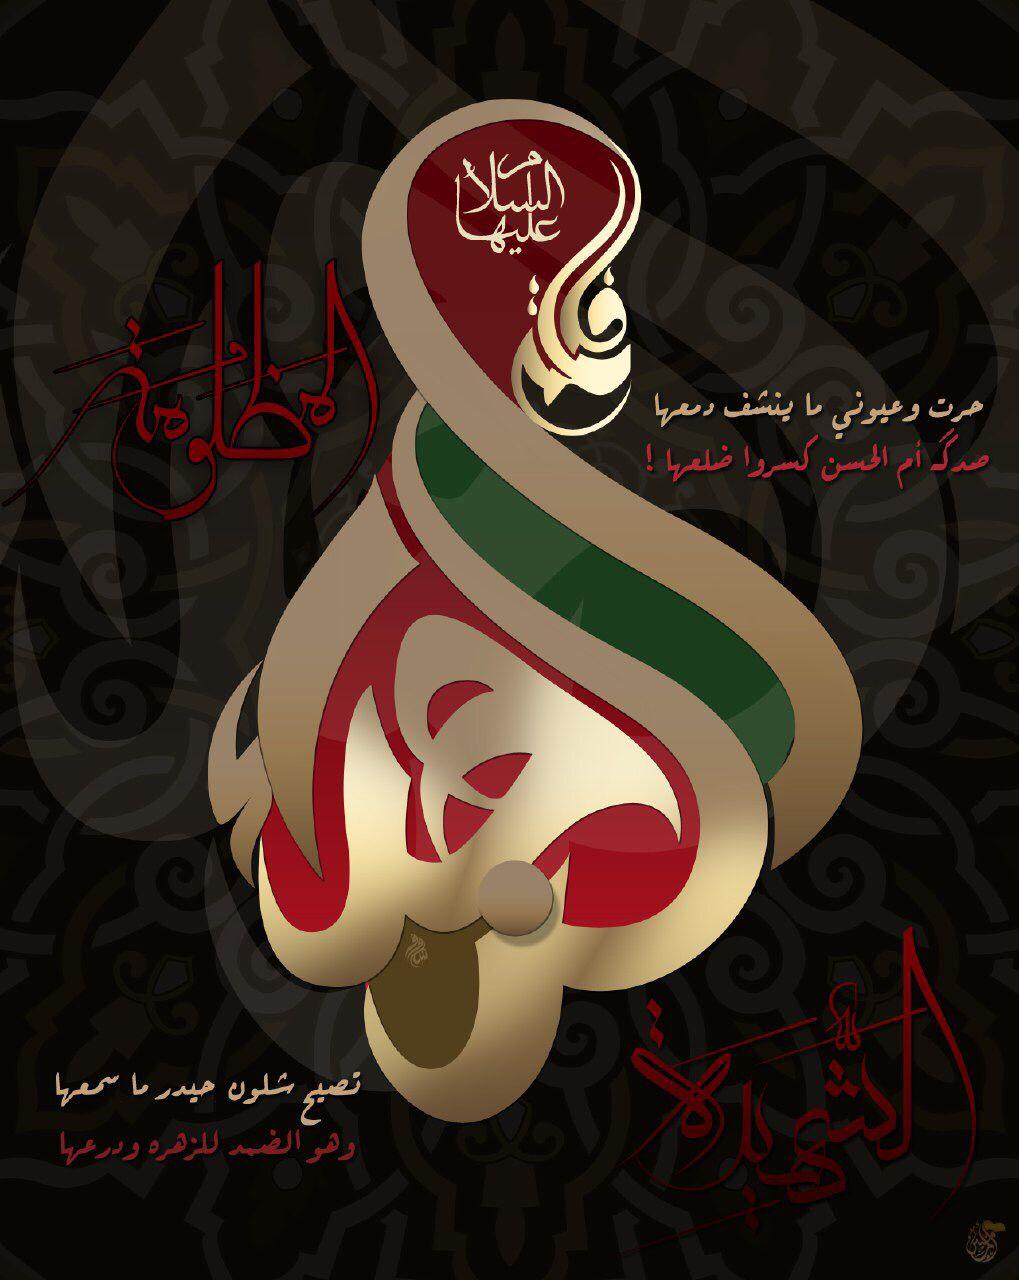 يازهراء Islamic Art Bibi Fatima Muharram